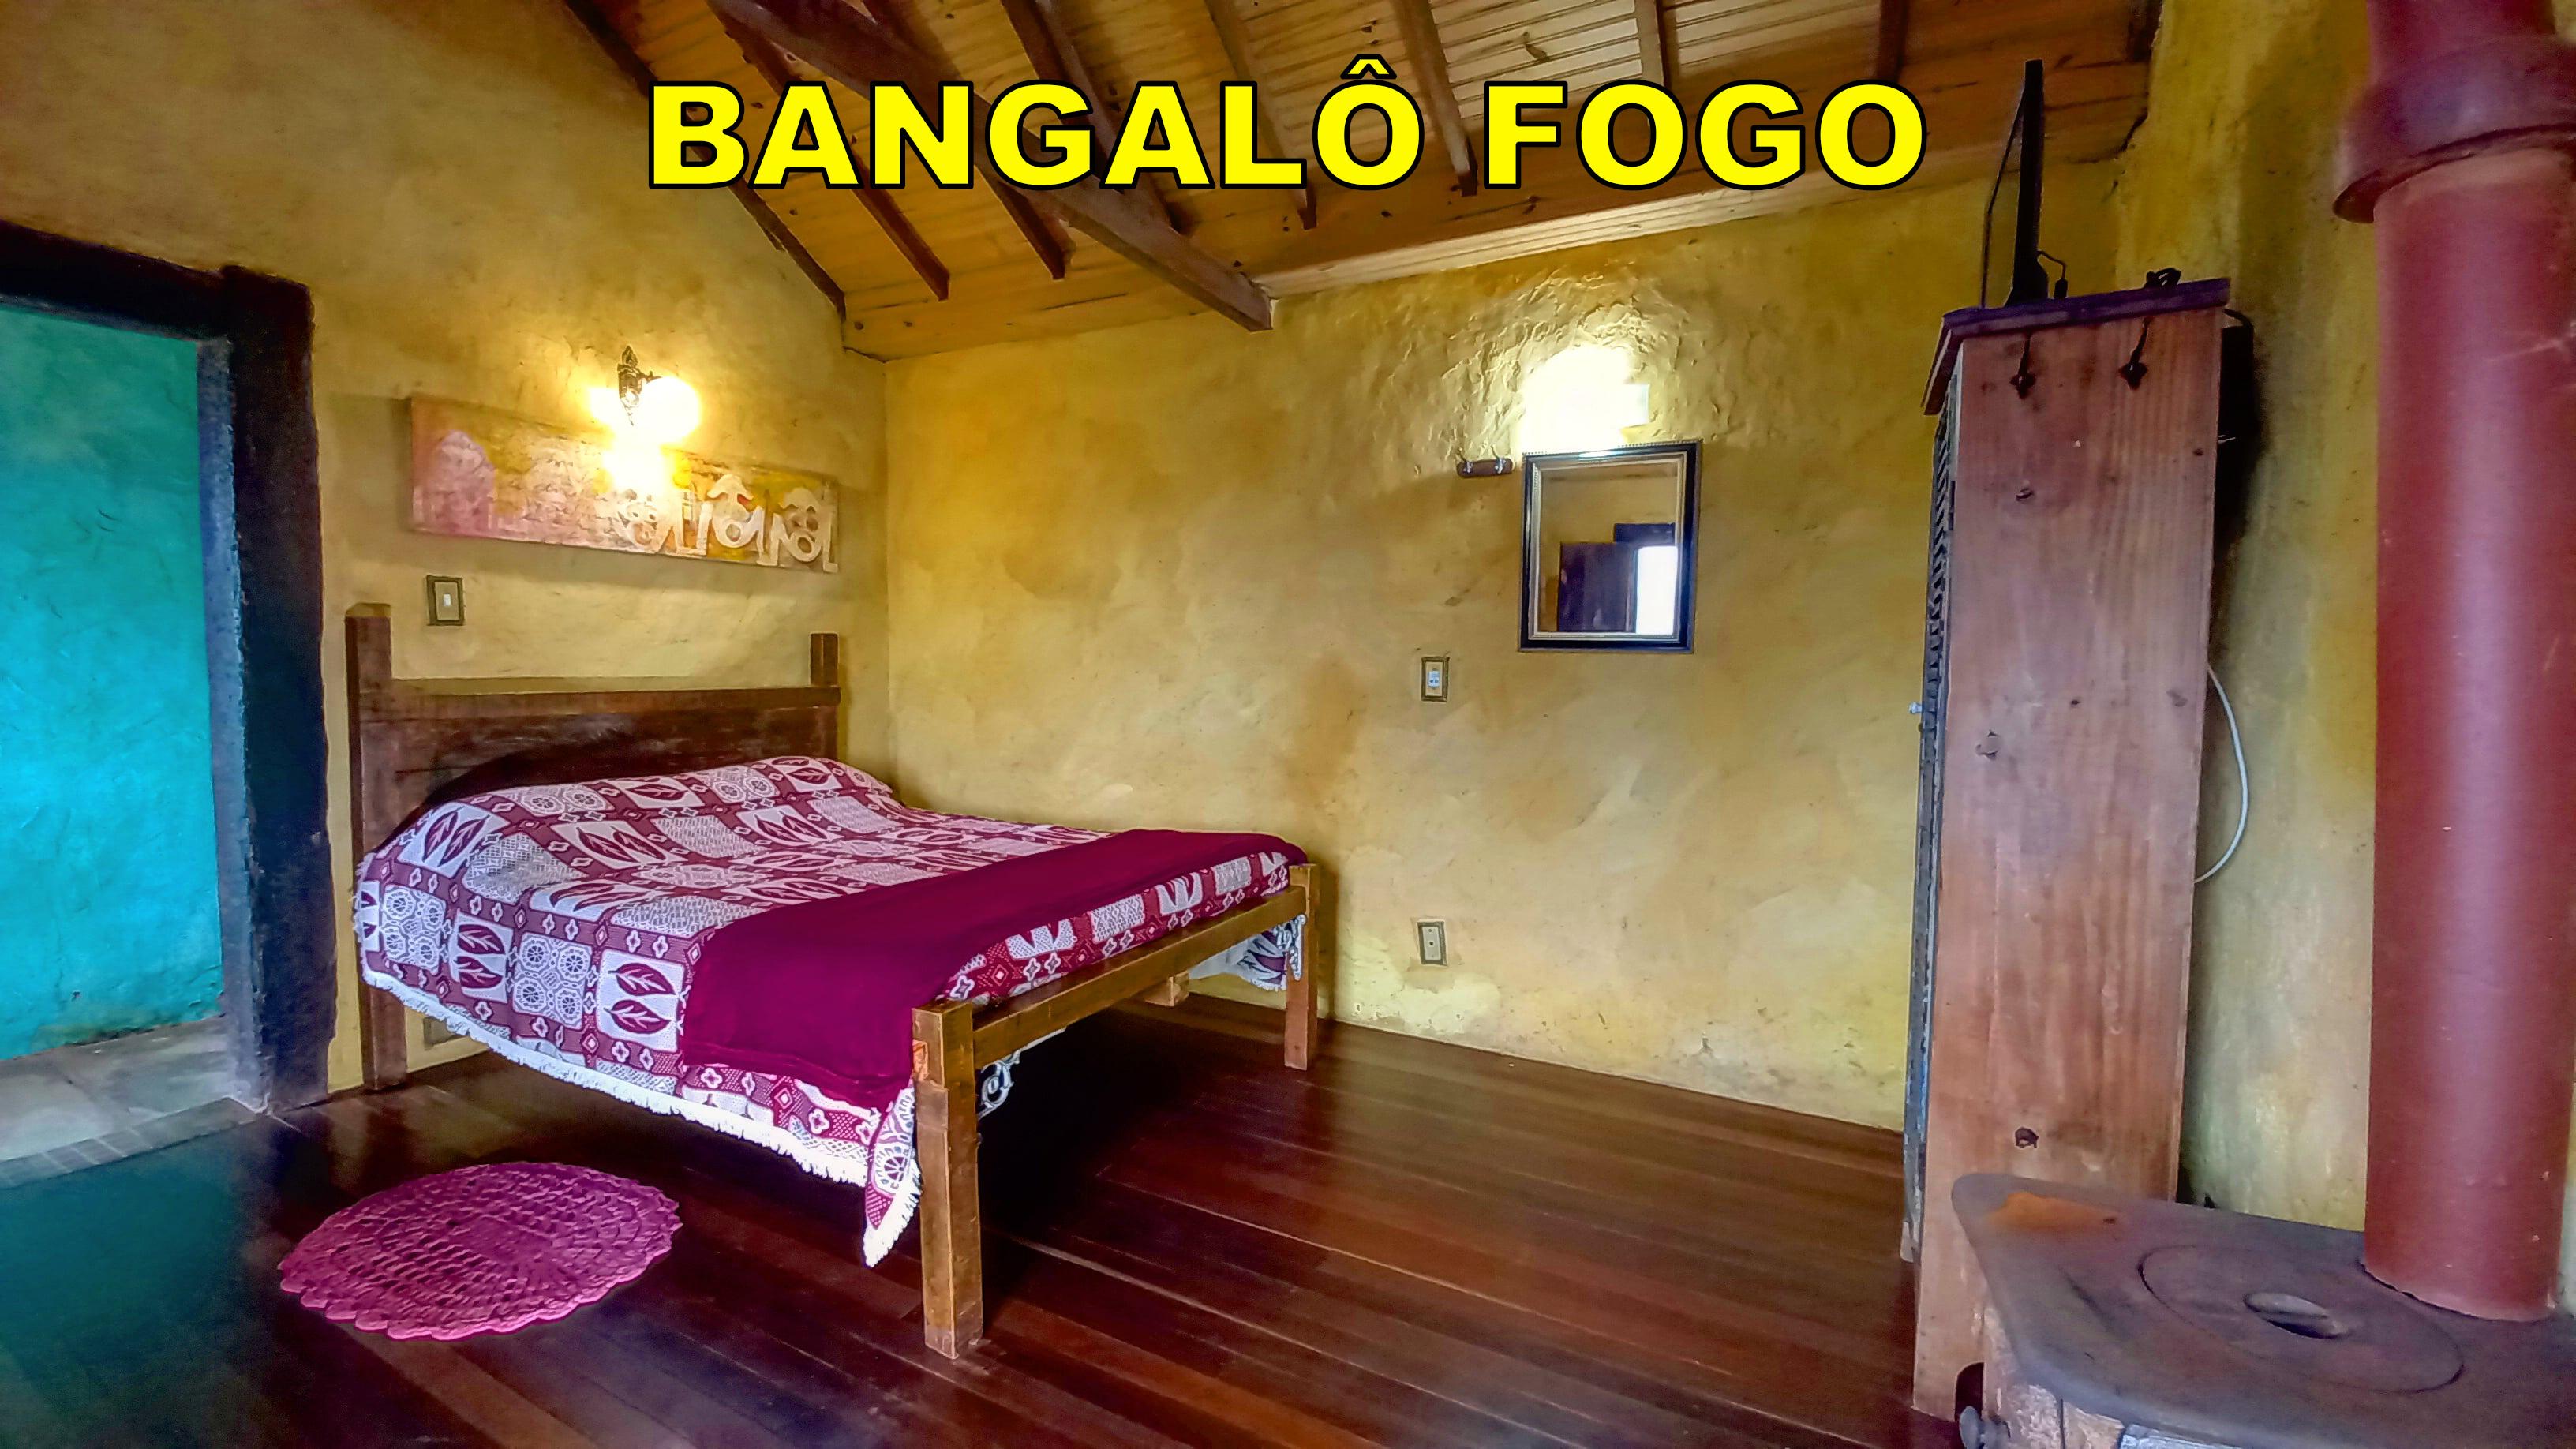 BANG FOGO CAMA